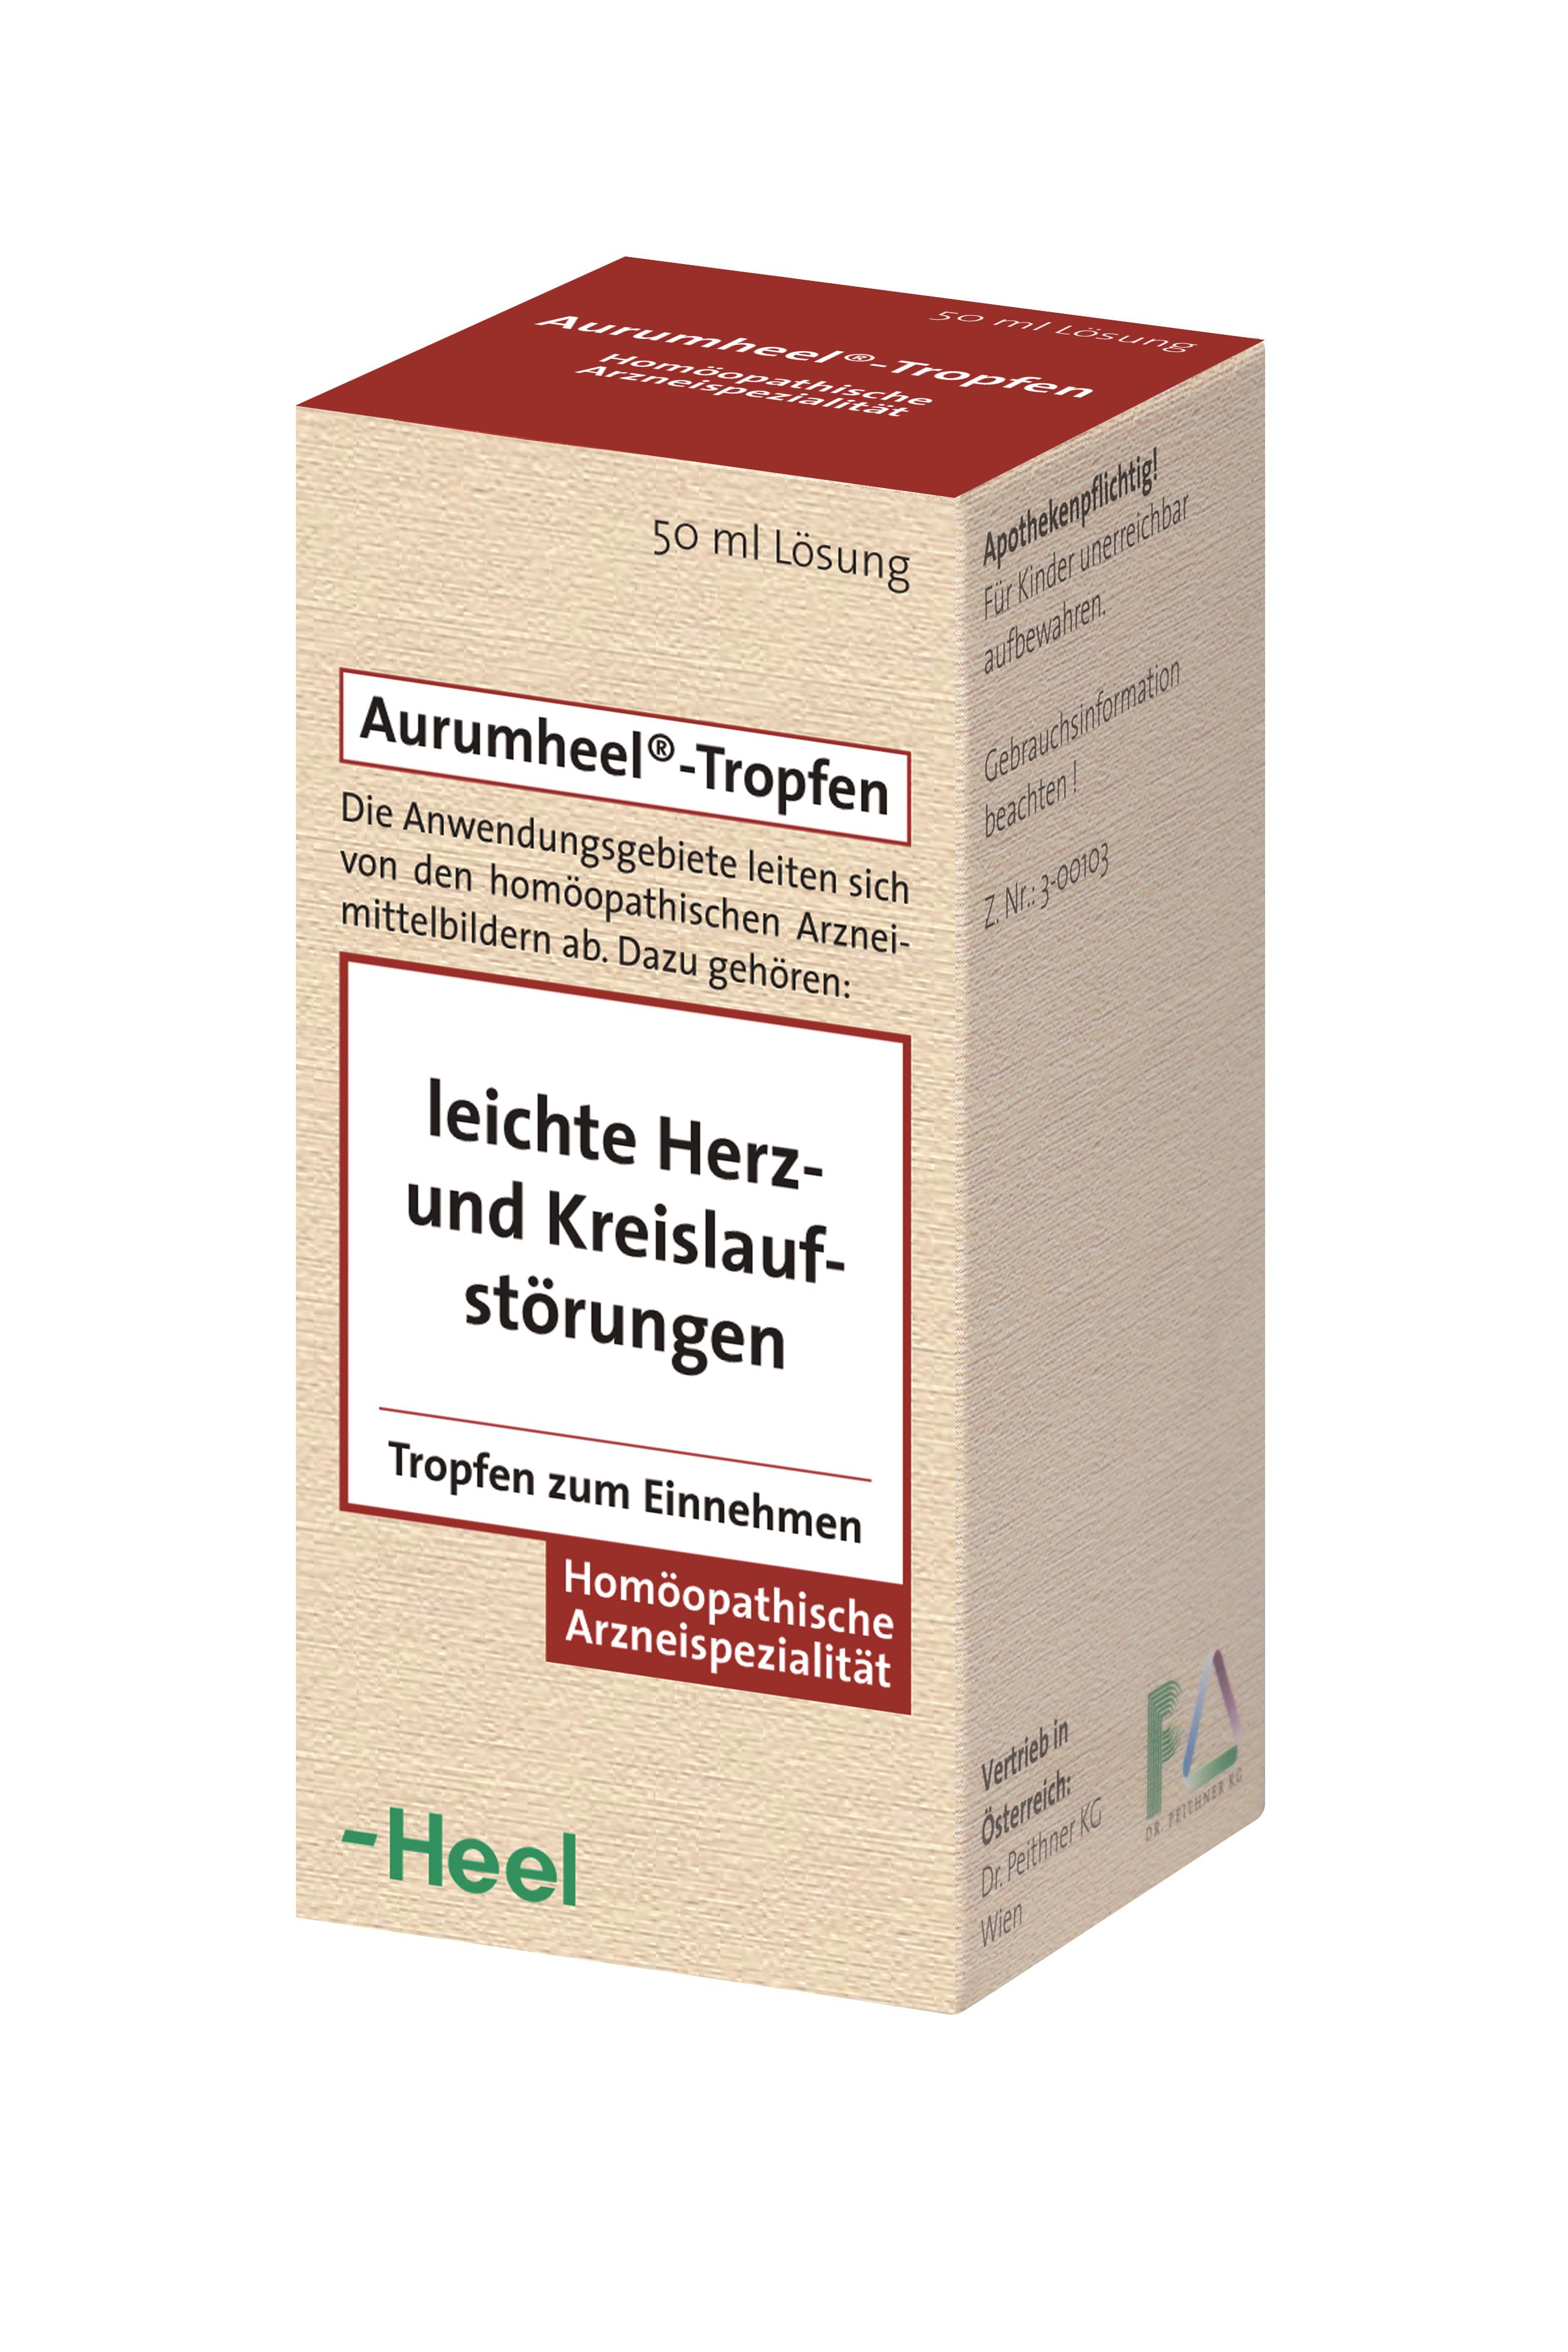 Aurumheel - Tropfen